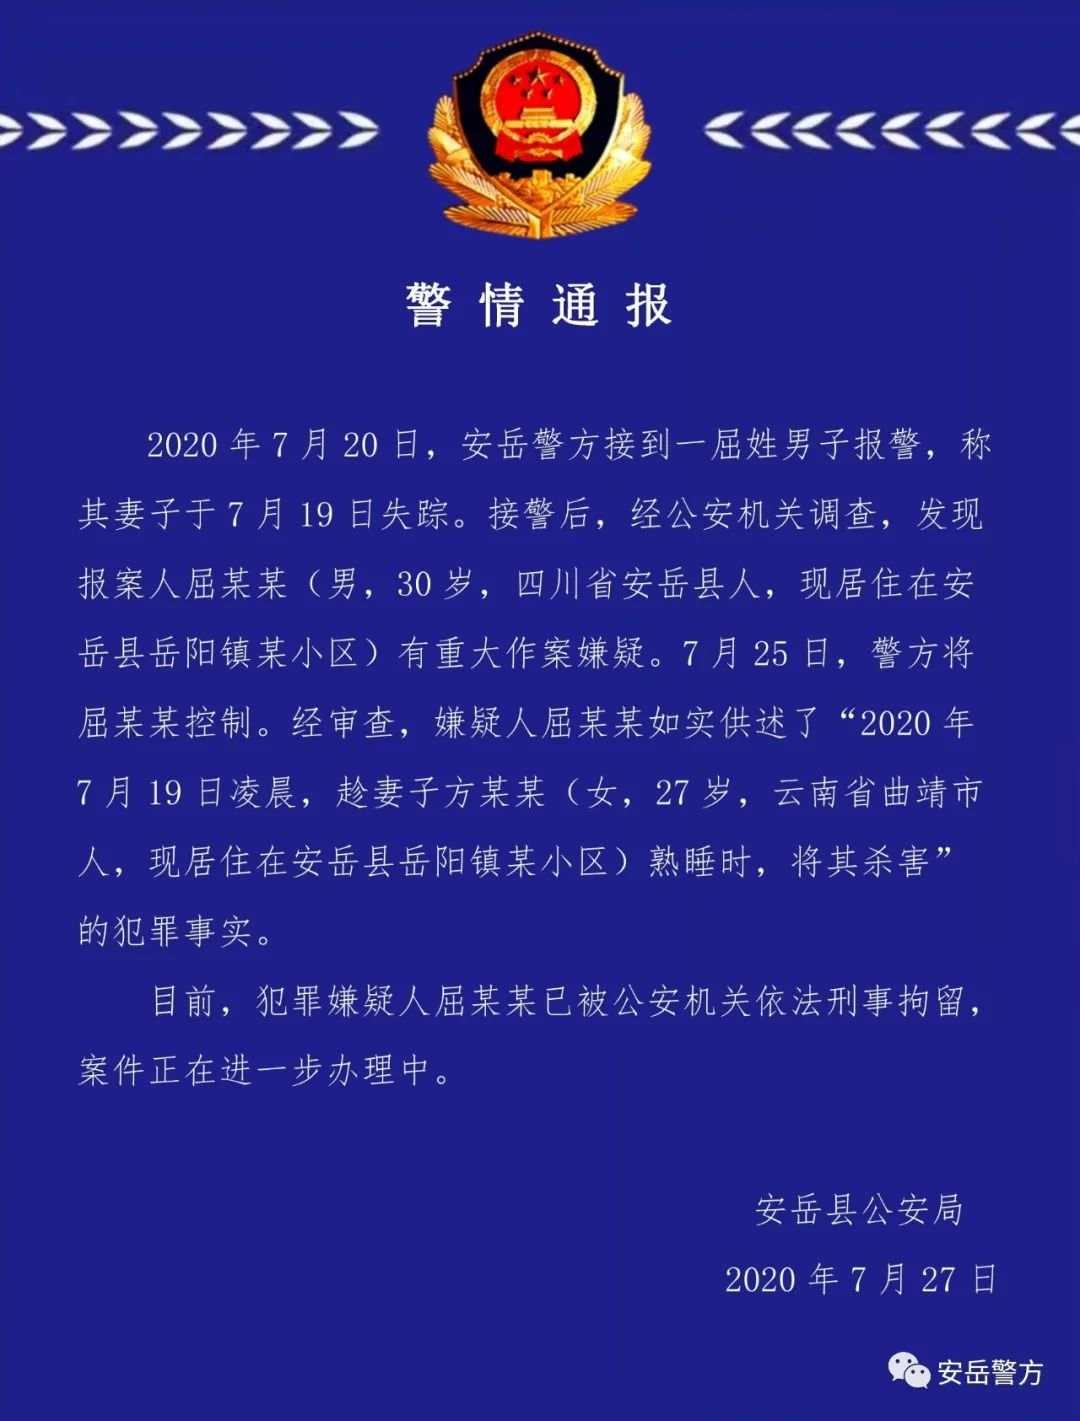 四川安岳杀妻嫌犯被批捕 曾报警妻子失踪